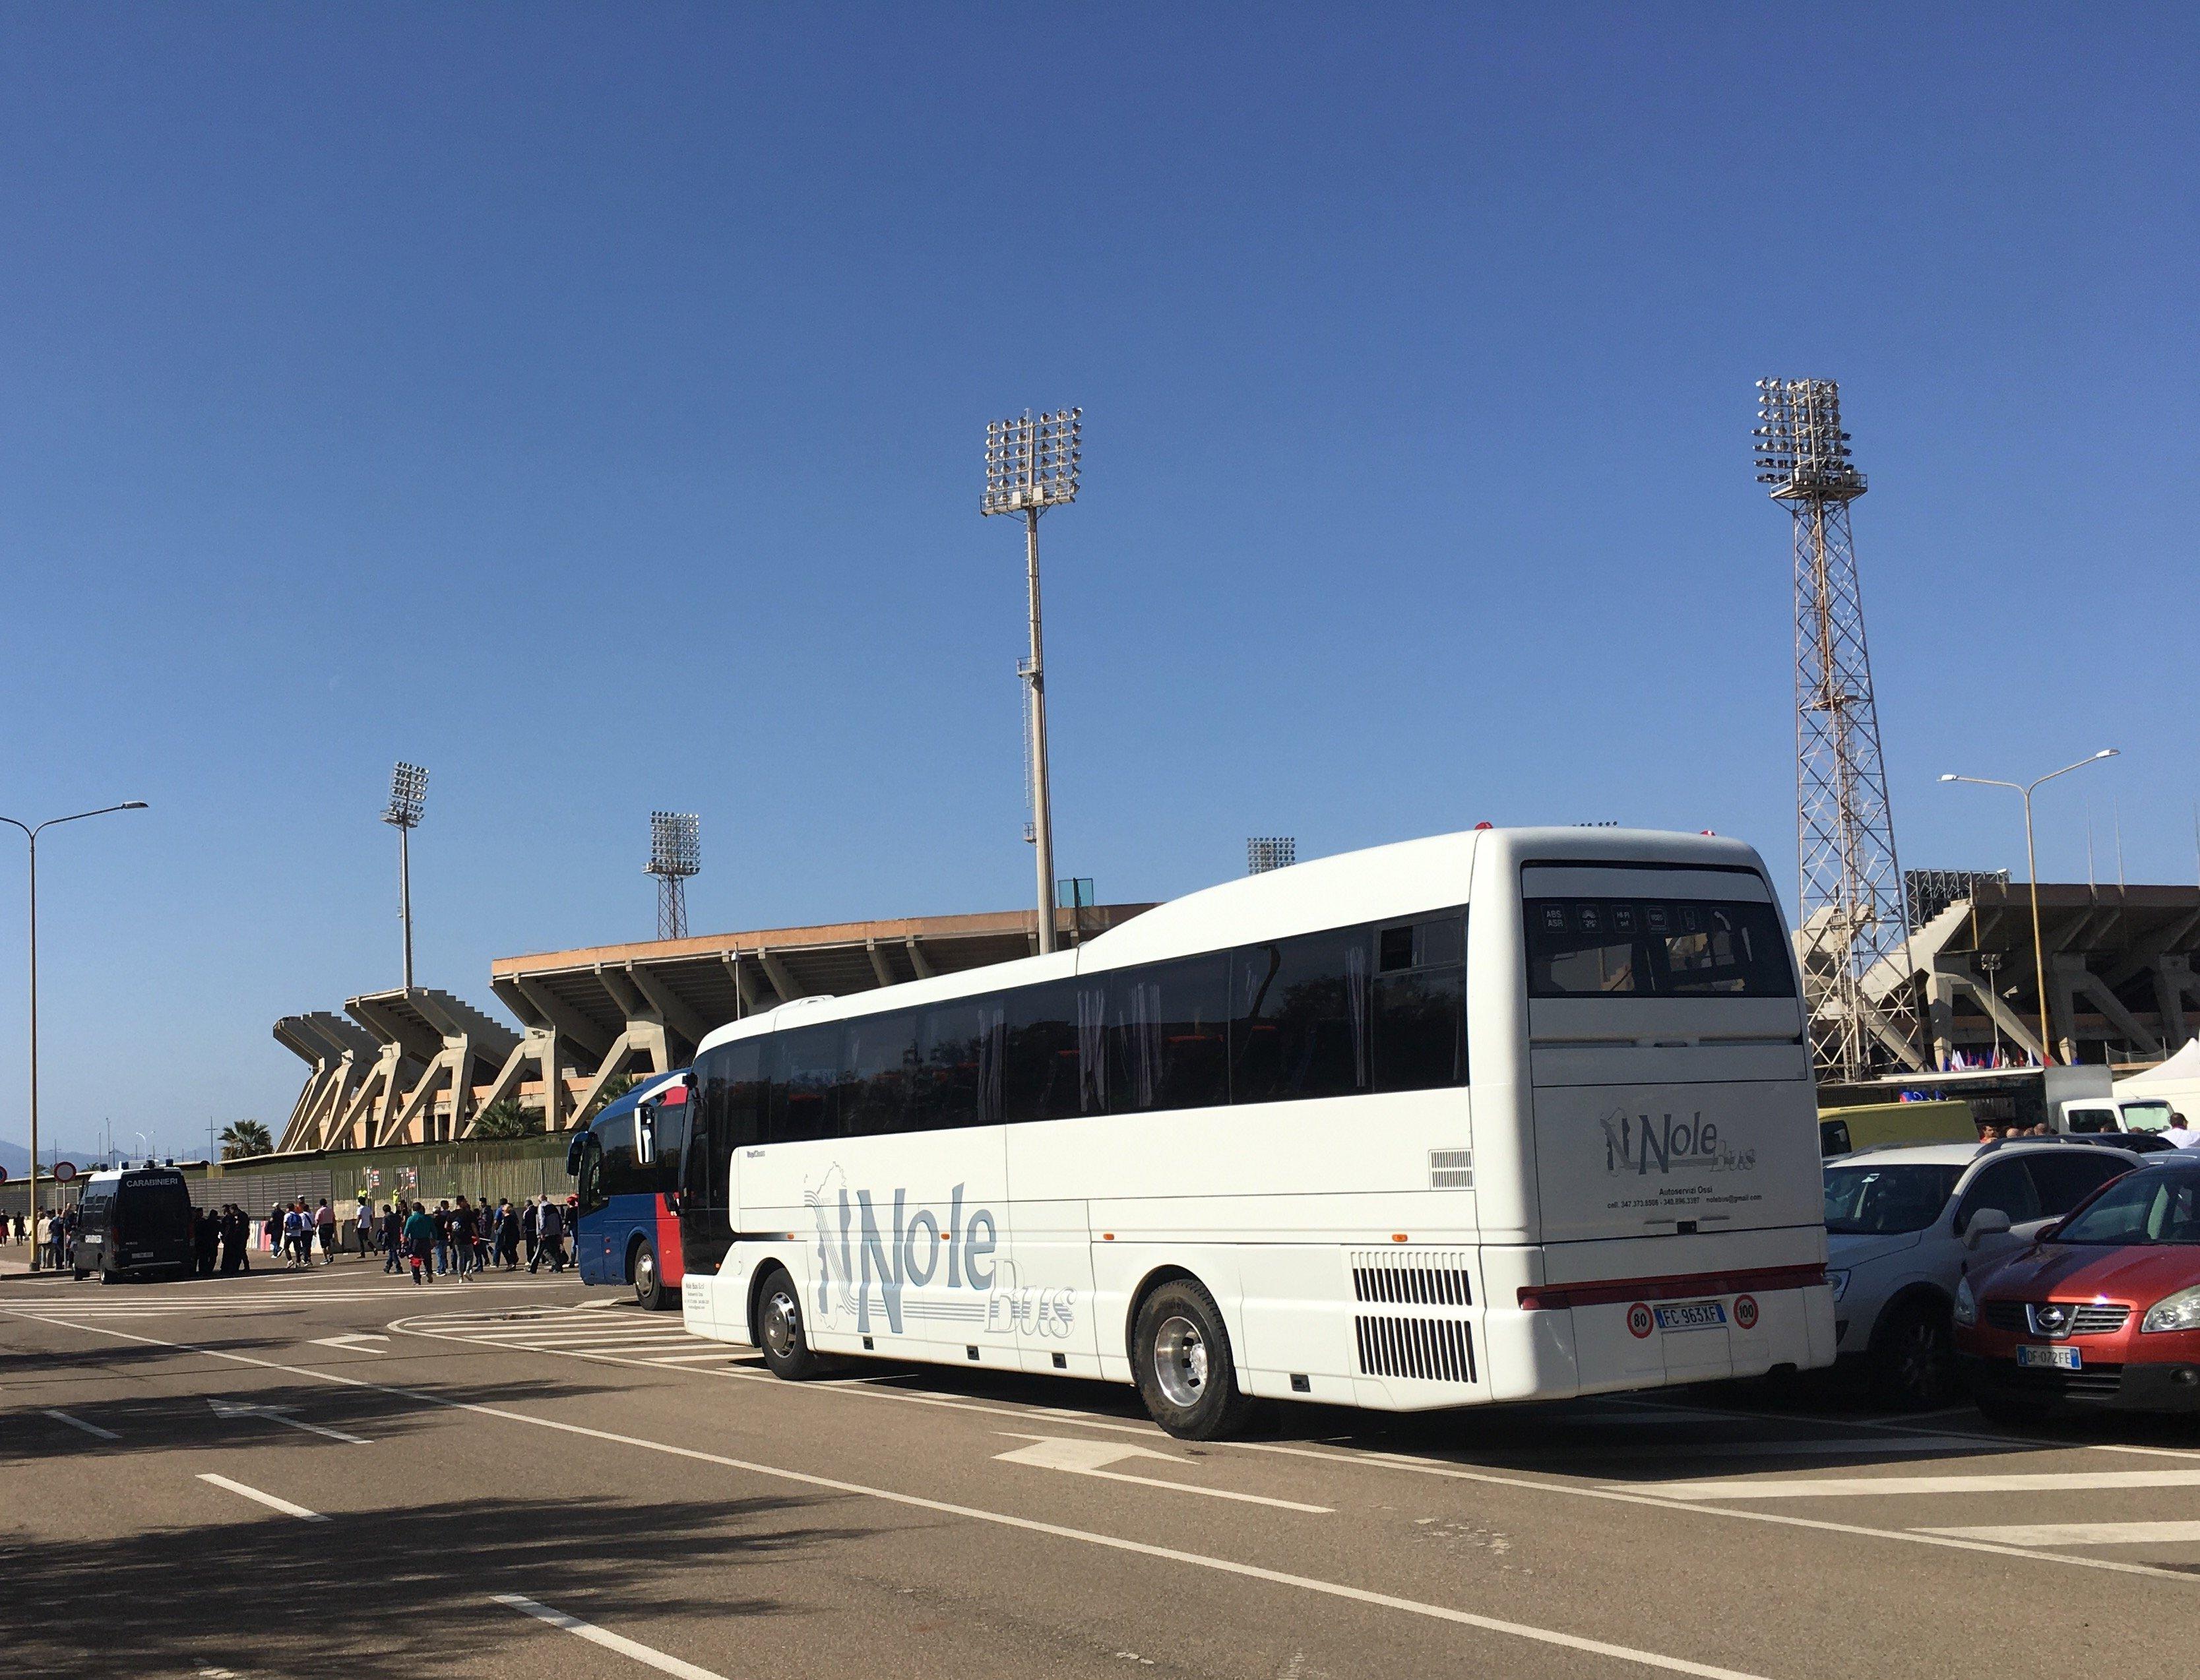 autobus parcheggiato in strada Nolobus